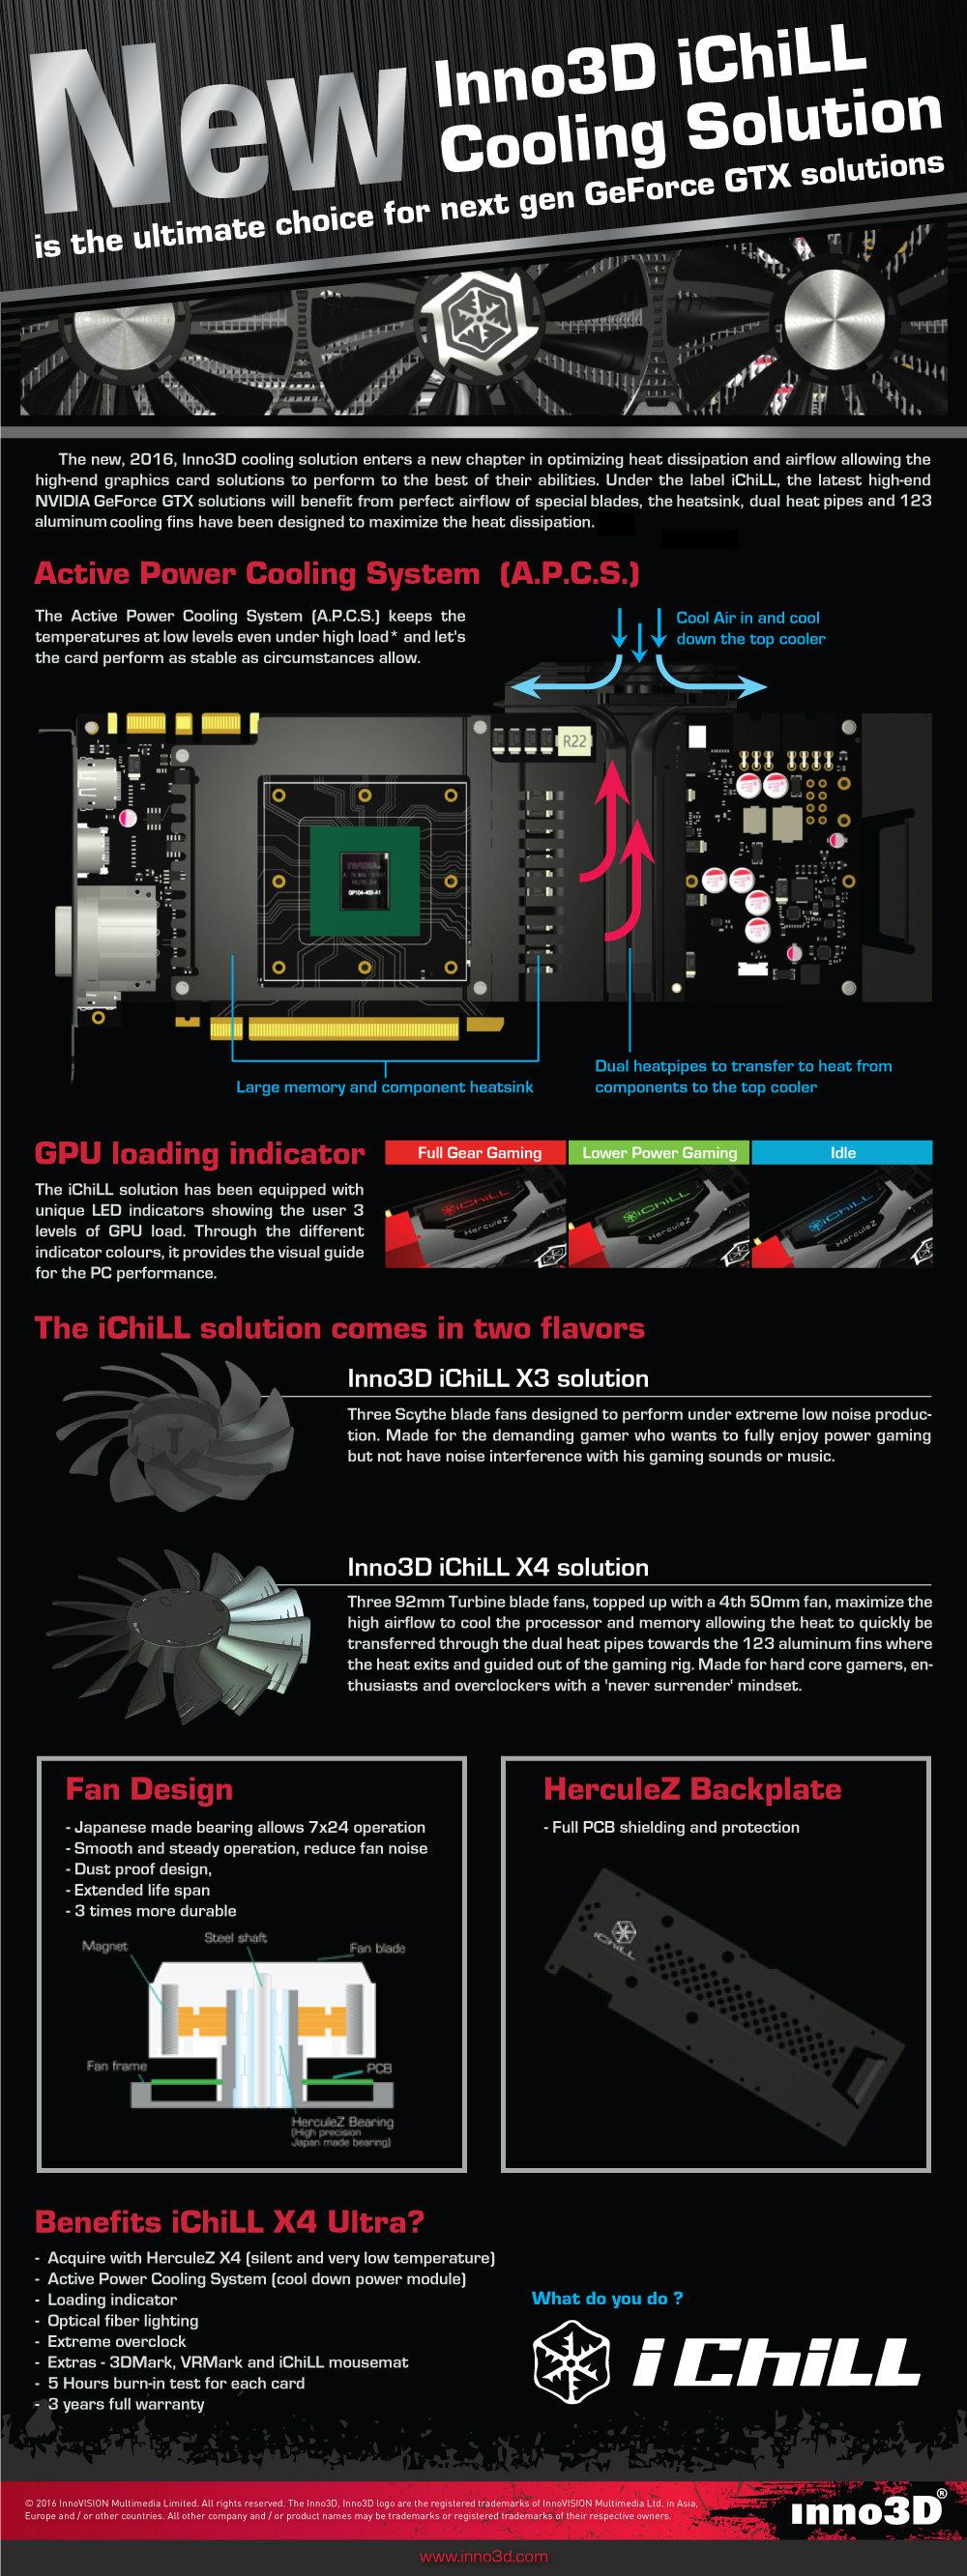 Inno3d GTX 1080 GTX 1070 iChill